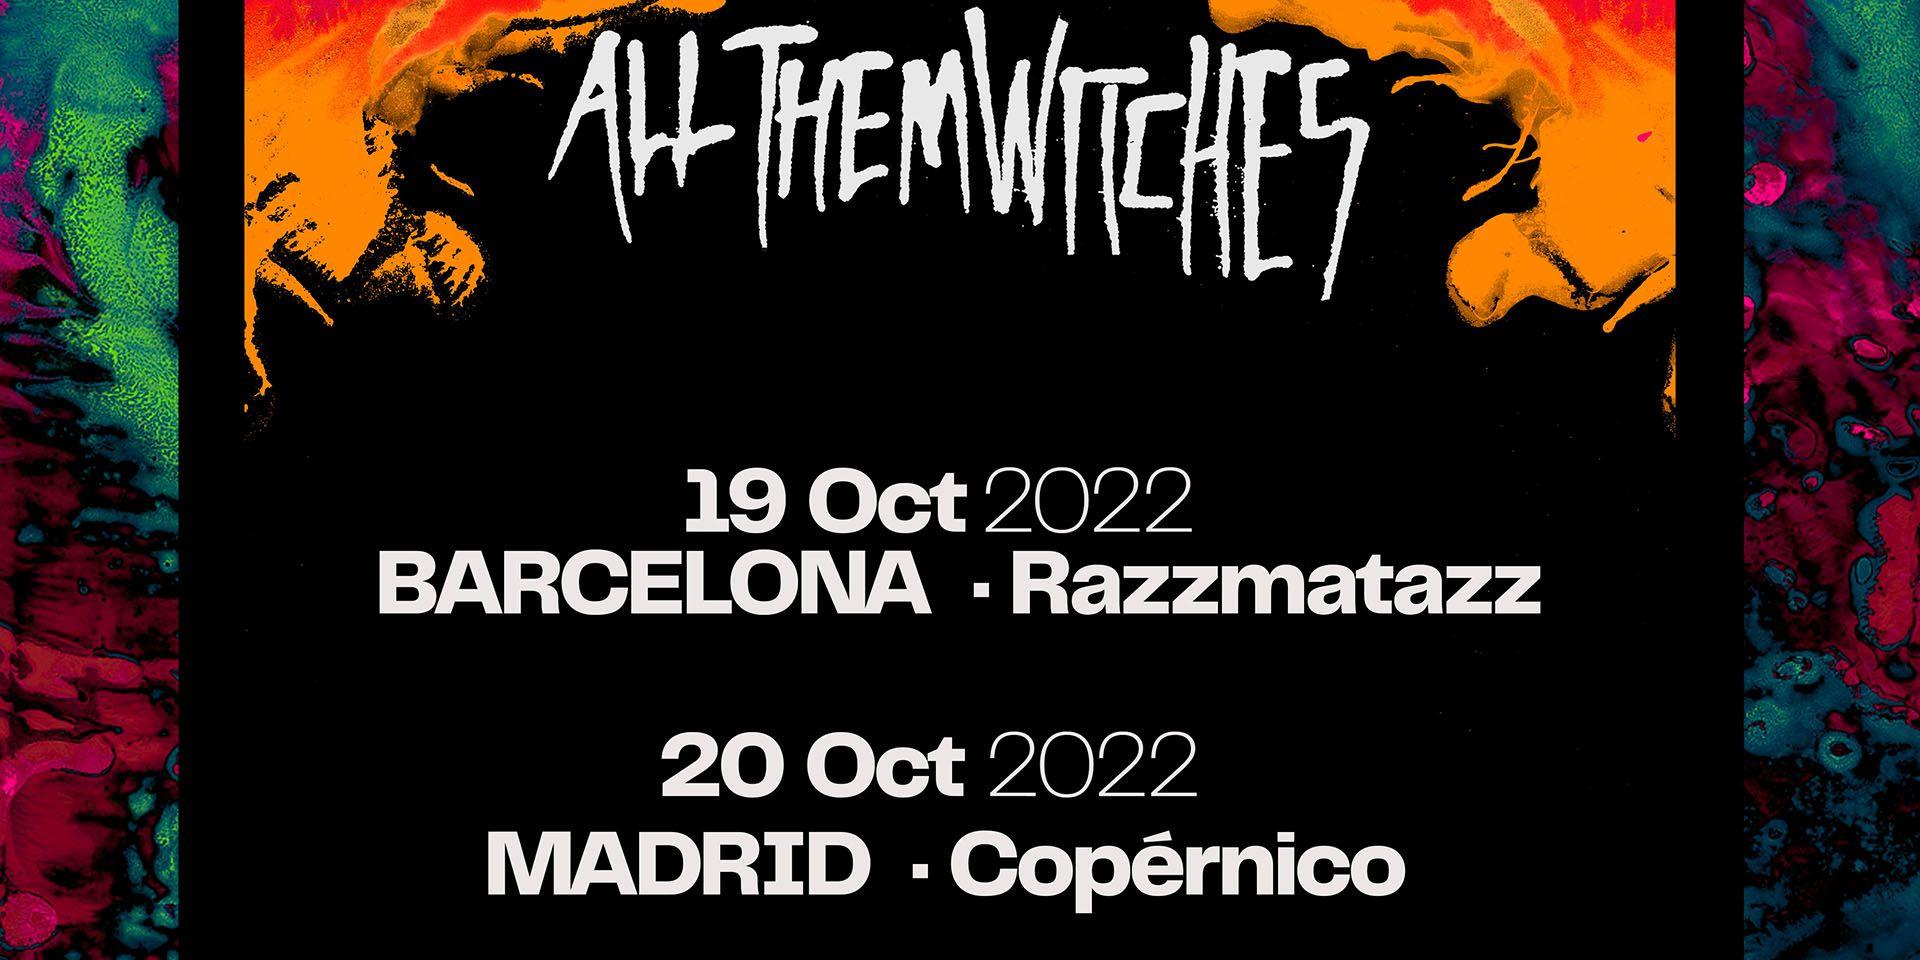 All Them Witches posponen su gira a octubre de 2022